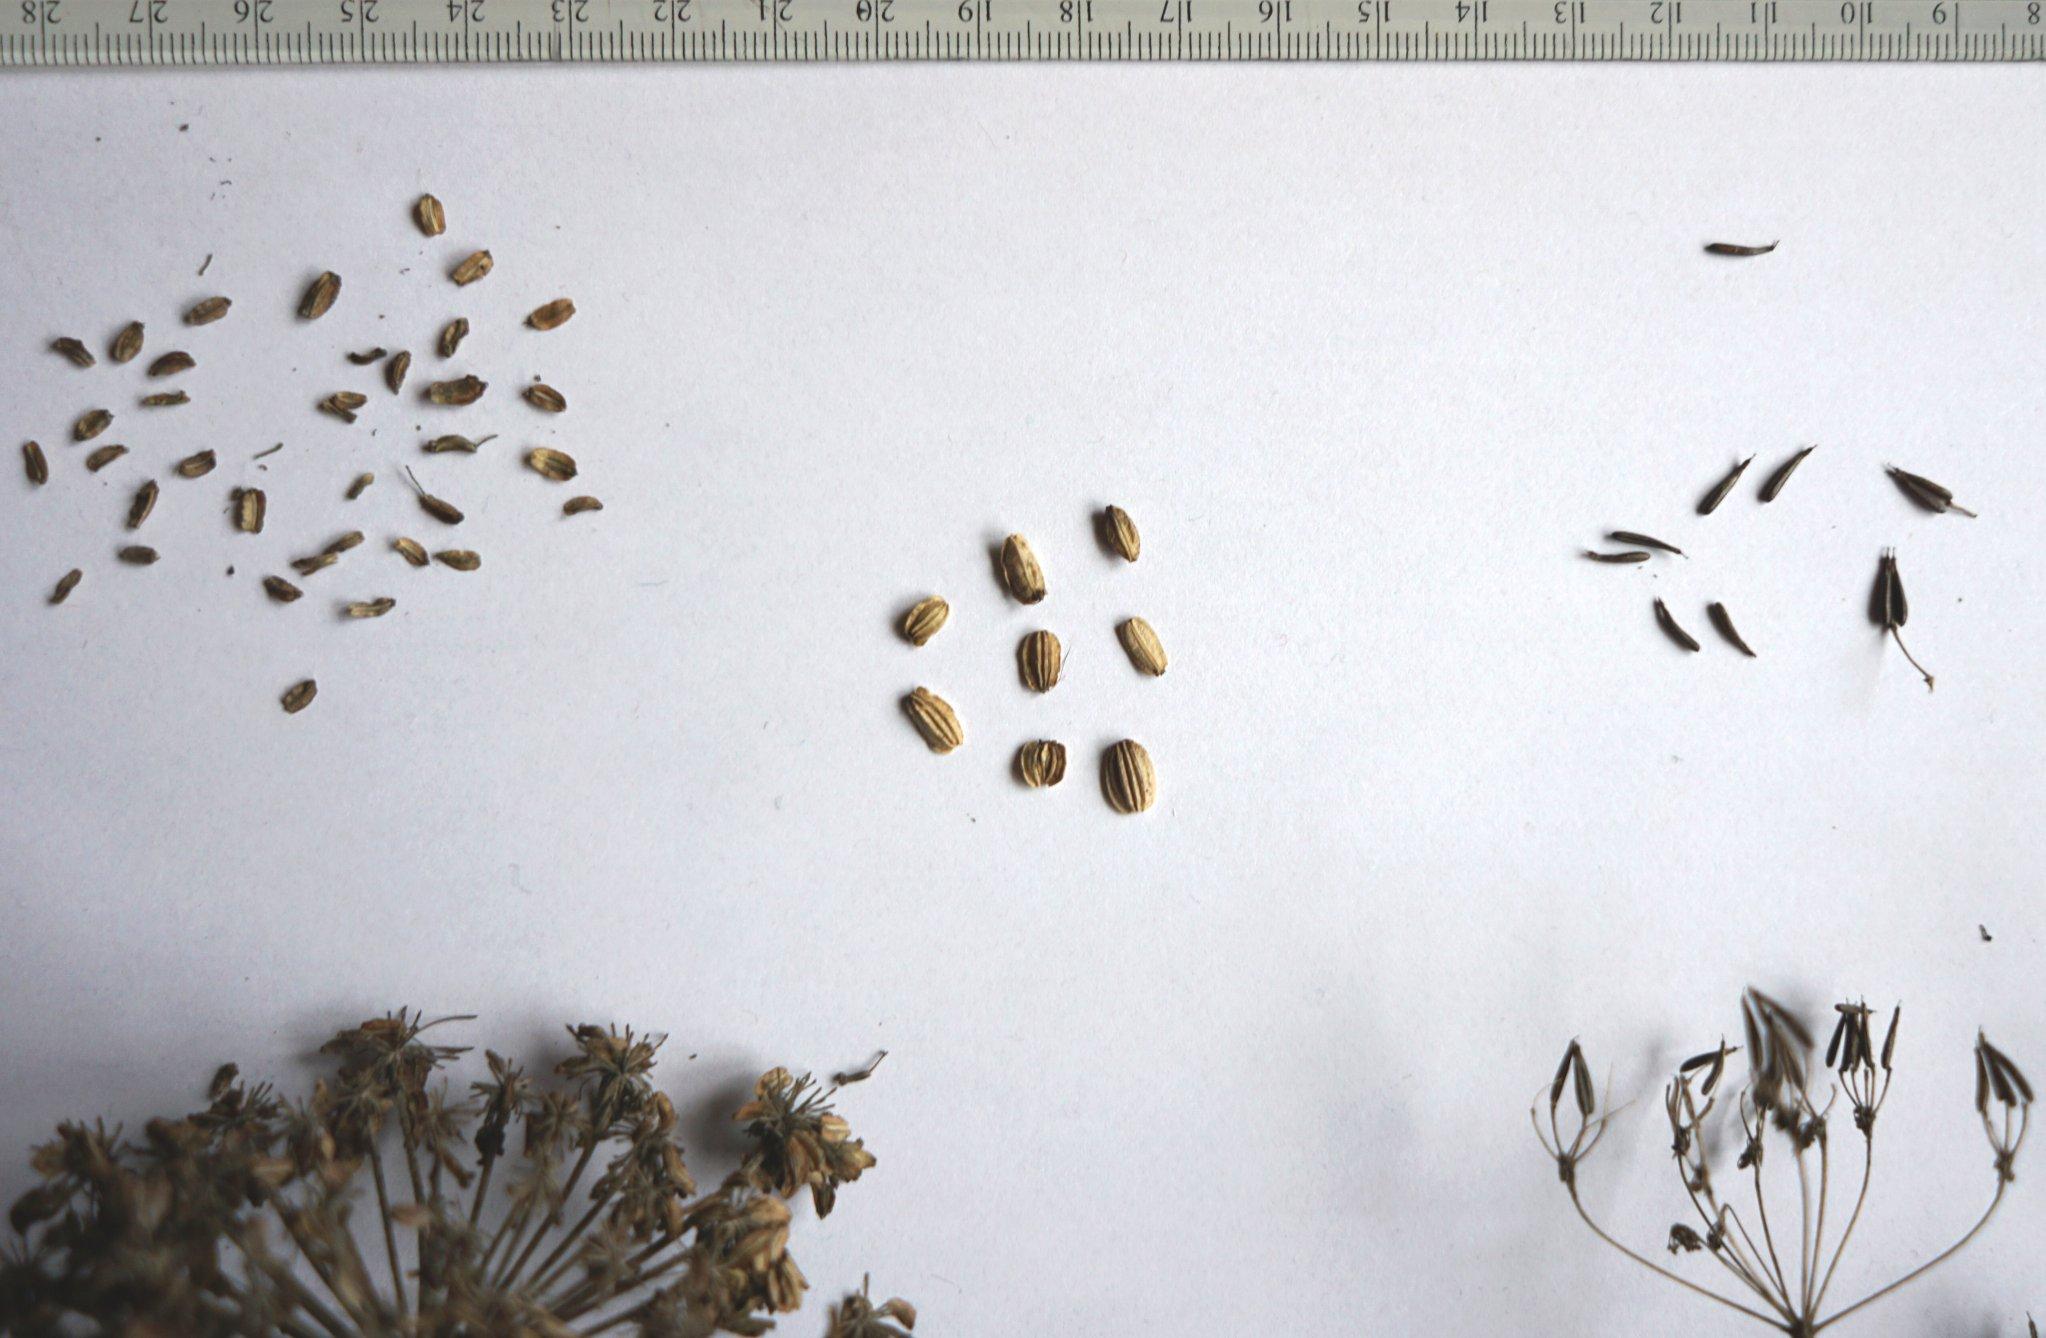 Hedelmävertailu: karhunputki, väinönputki, koiranputki